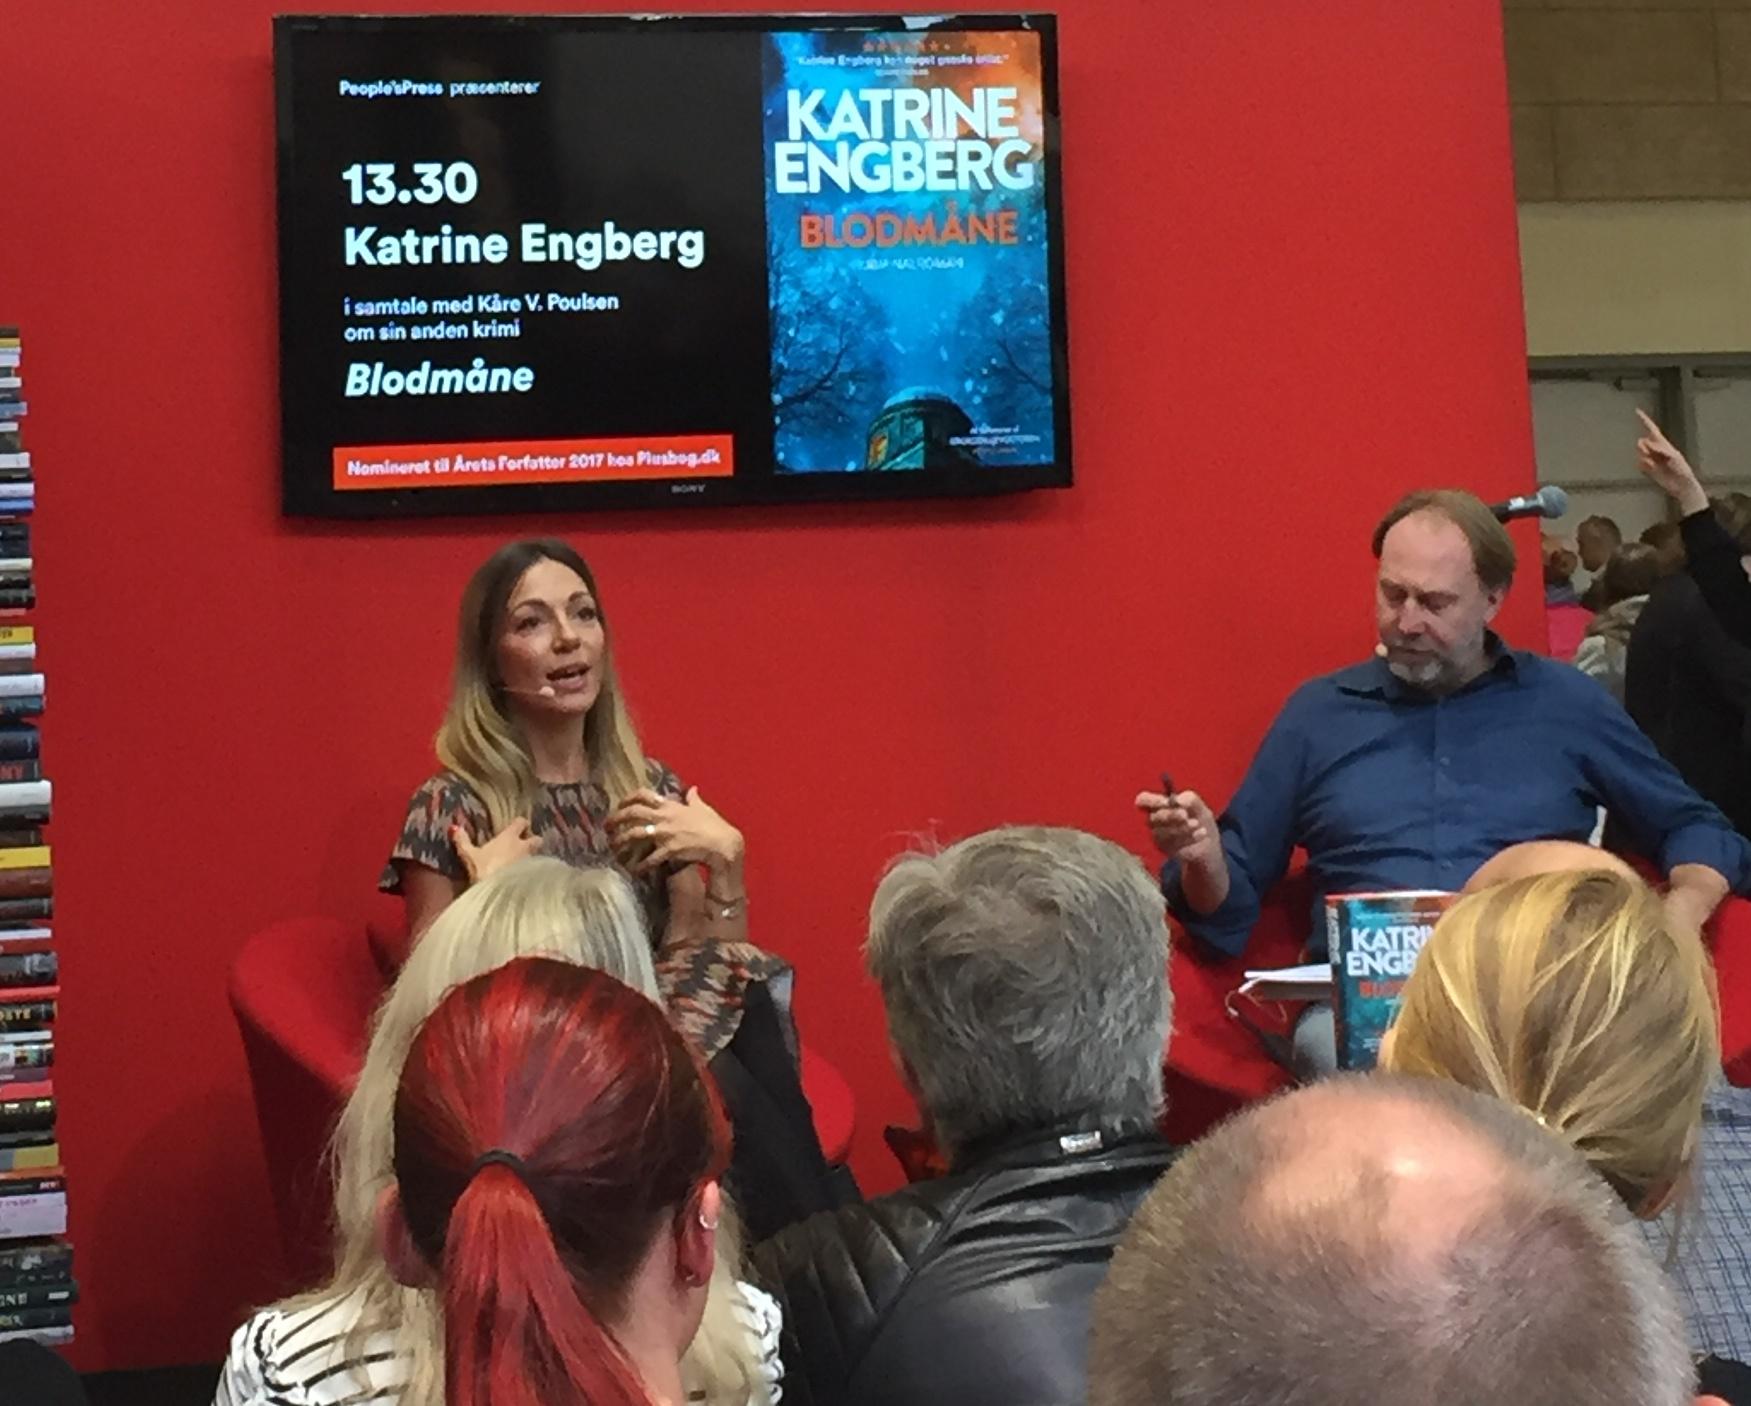 Katrine Engberg, Krokodillevogteren, Katrine Engberg, Lindhardt & Ringhof, Peoples Press, Signering, Foredrag, Bogforum, Bogforum 2017, Krummeskrummelurer